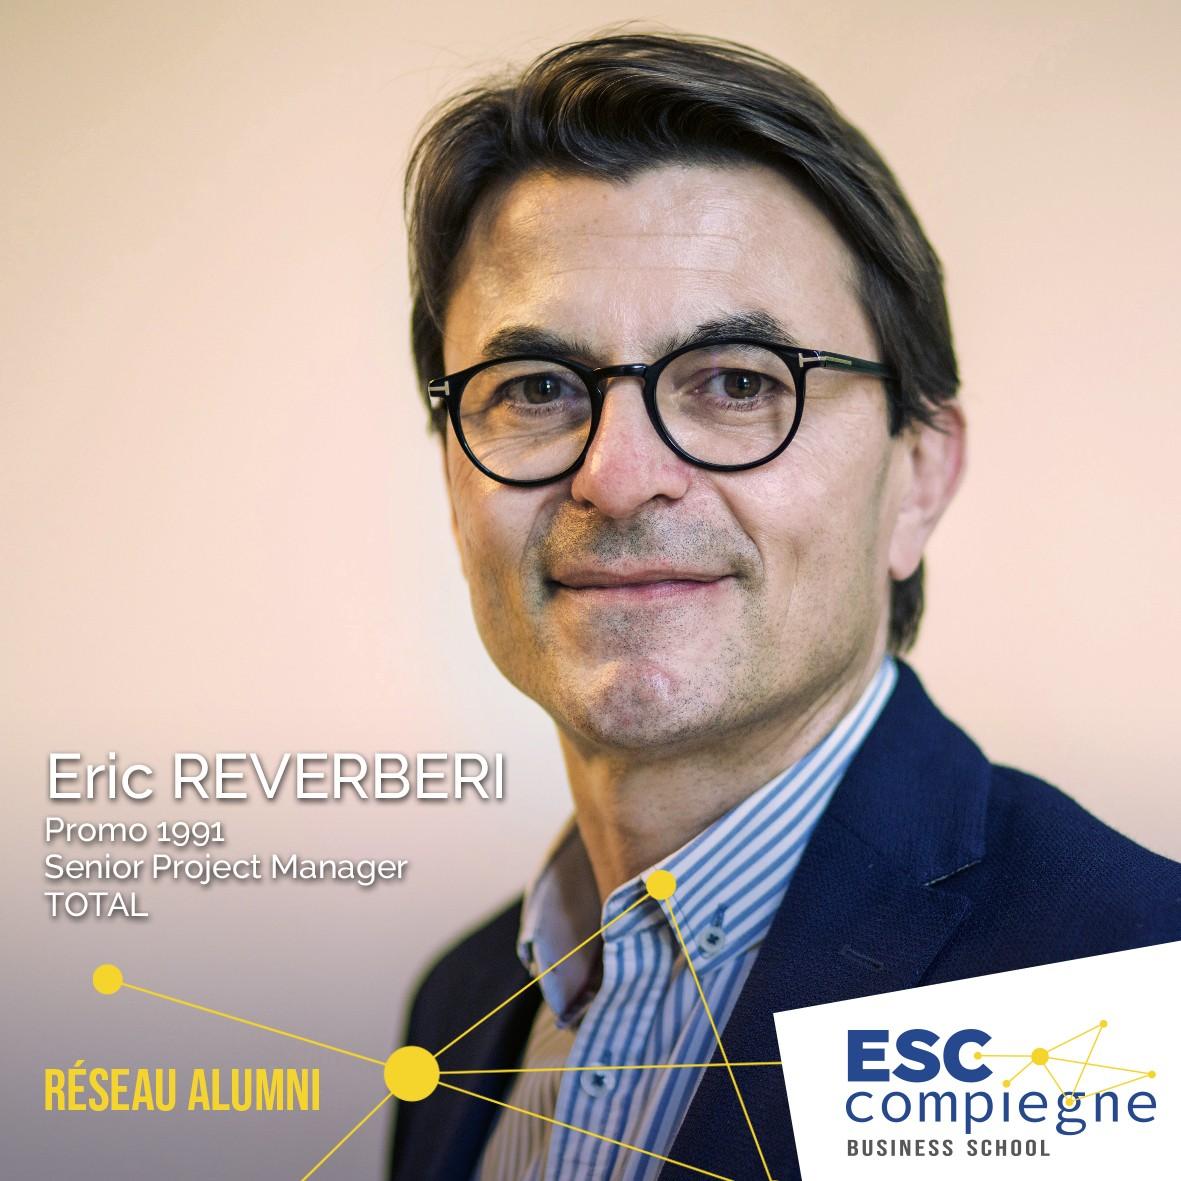 ESCC-Eric-Reverberi